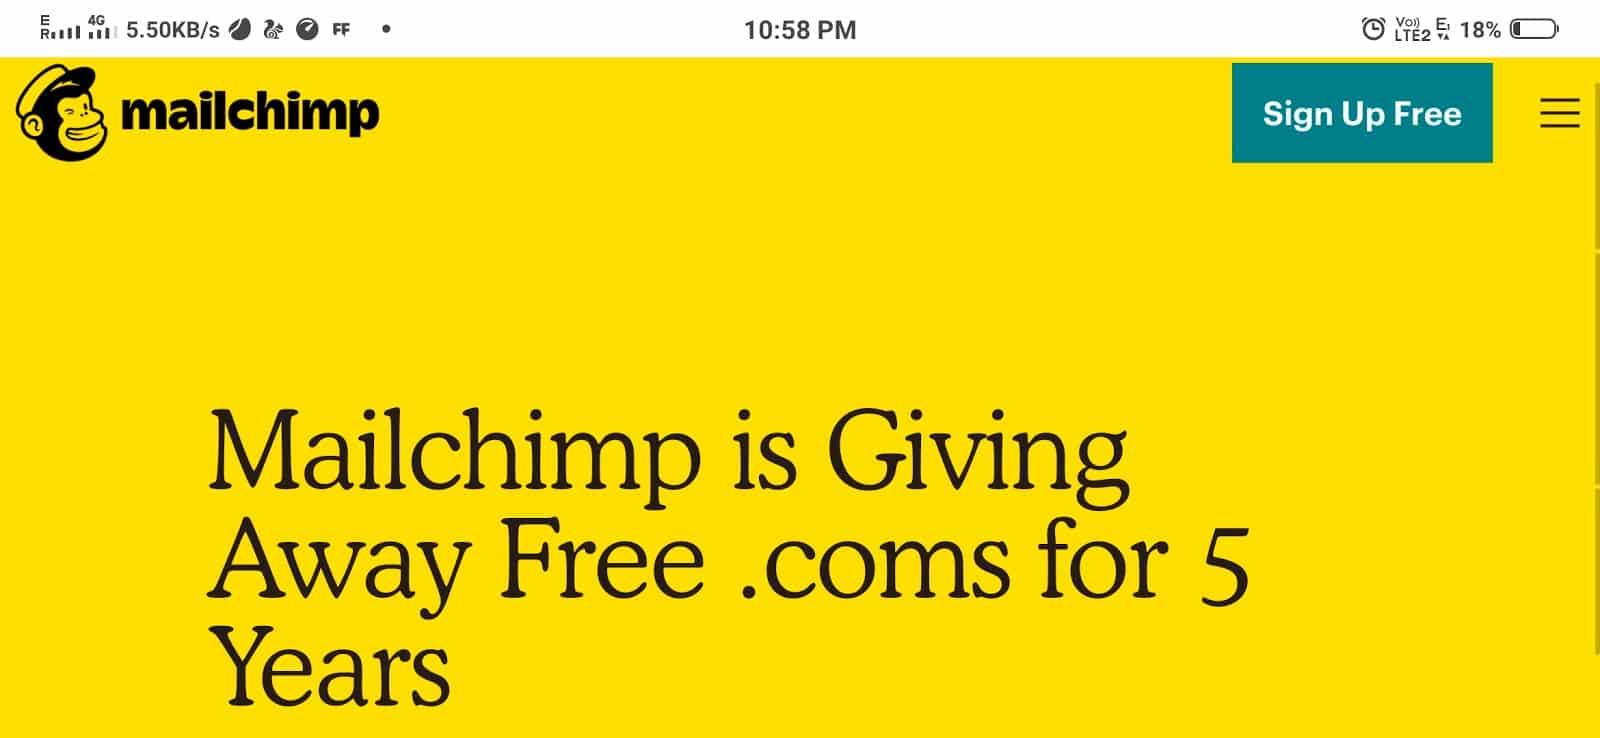 أحصل على دومين مجاني من Mailchimp لمدة 5 سنوات